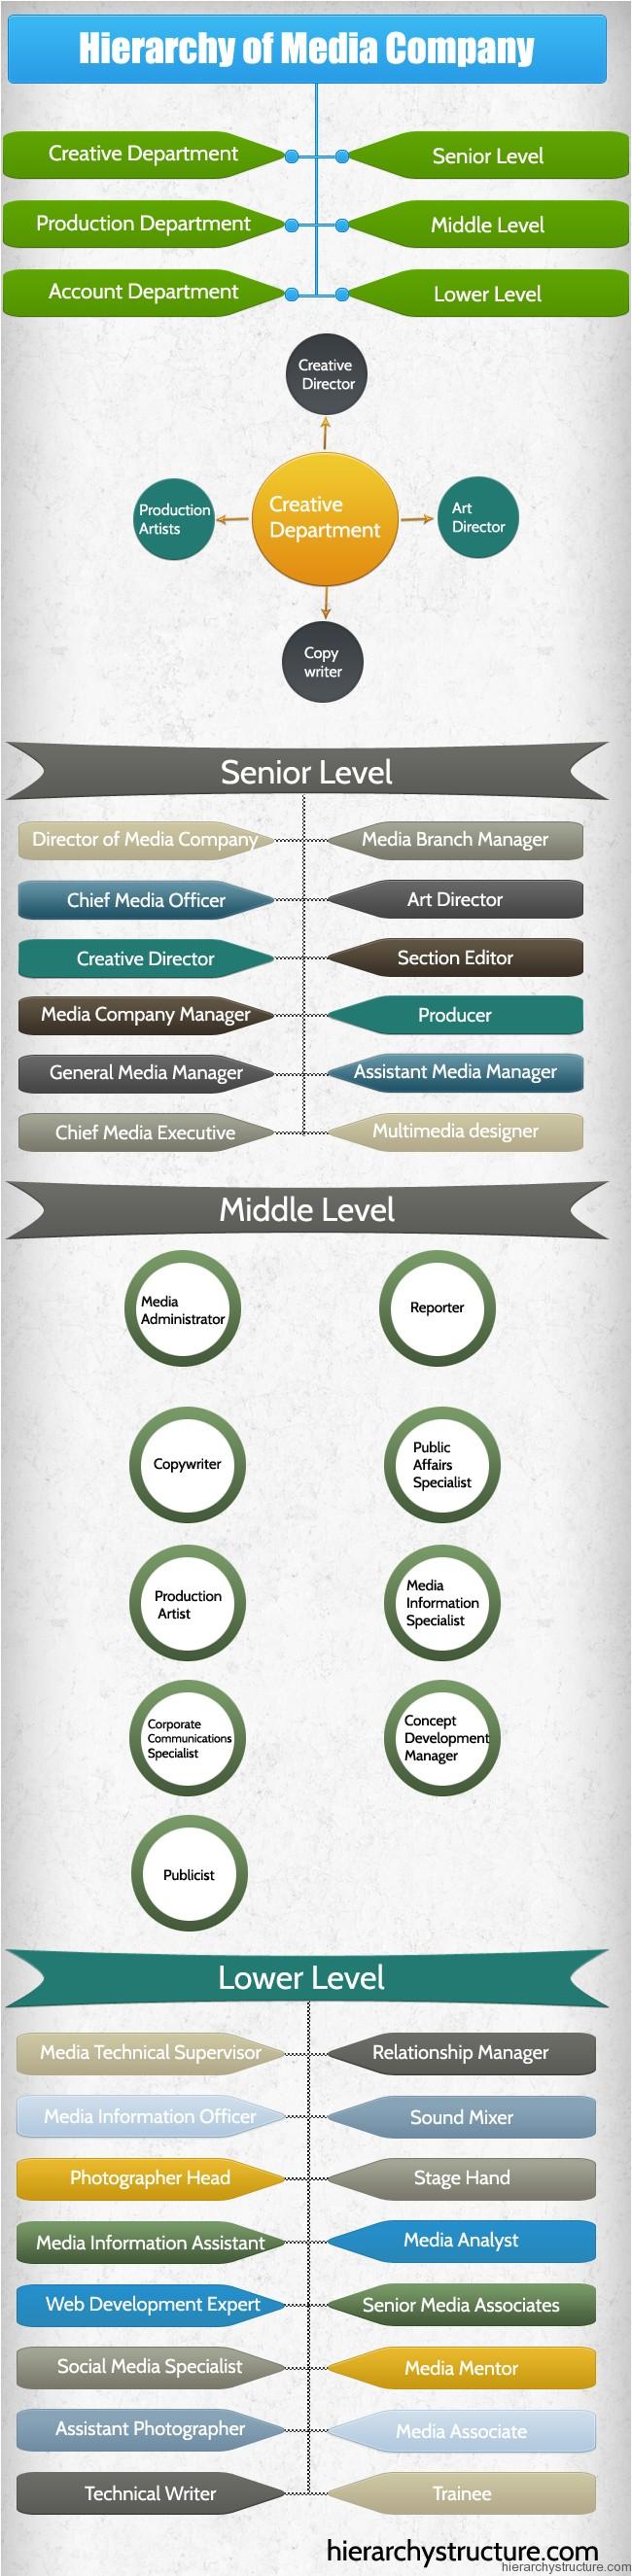 Hierarchy of Media Company